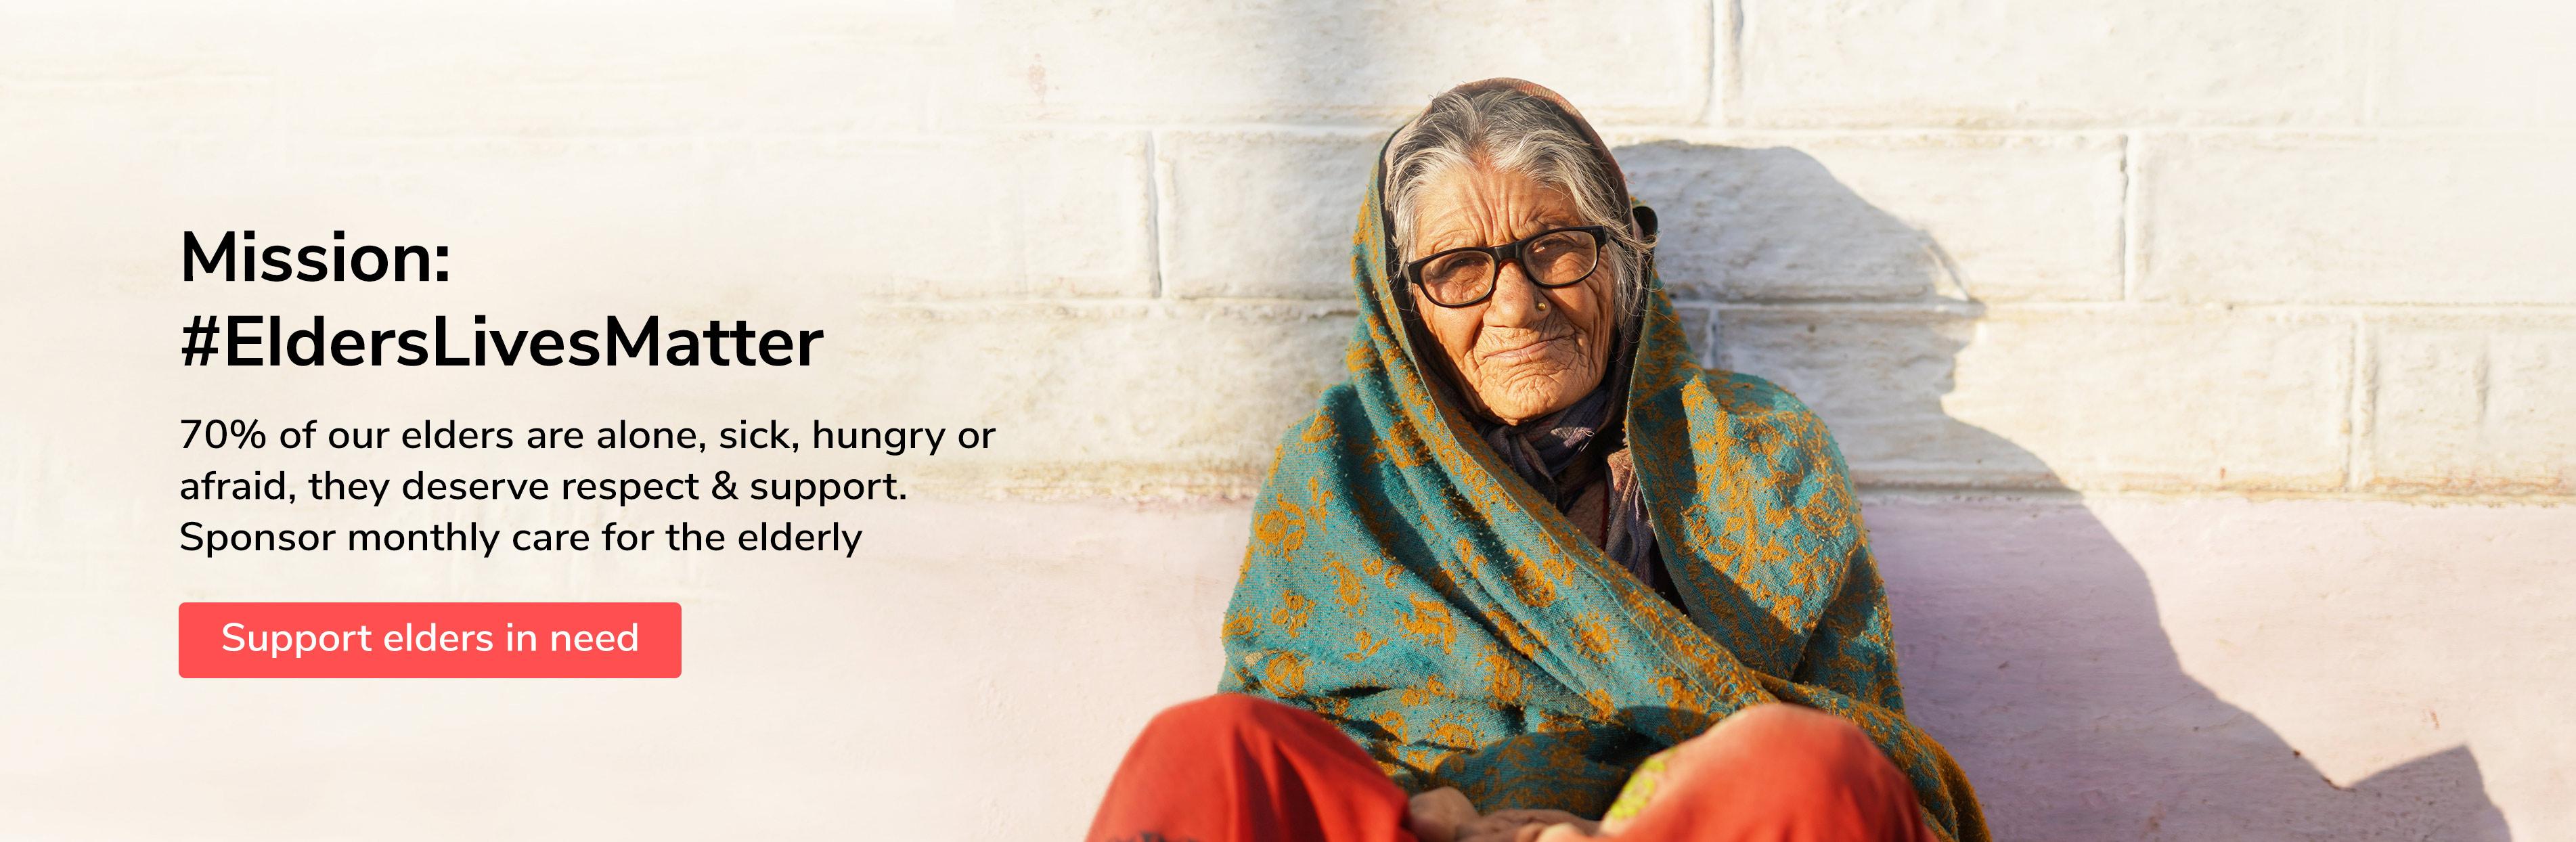 Mission: Elders Lives Matter